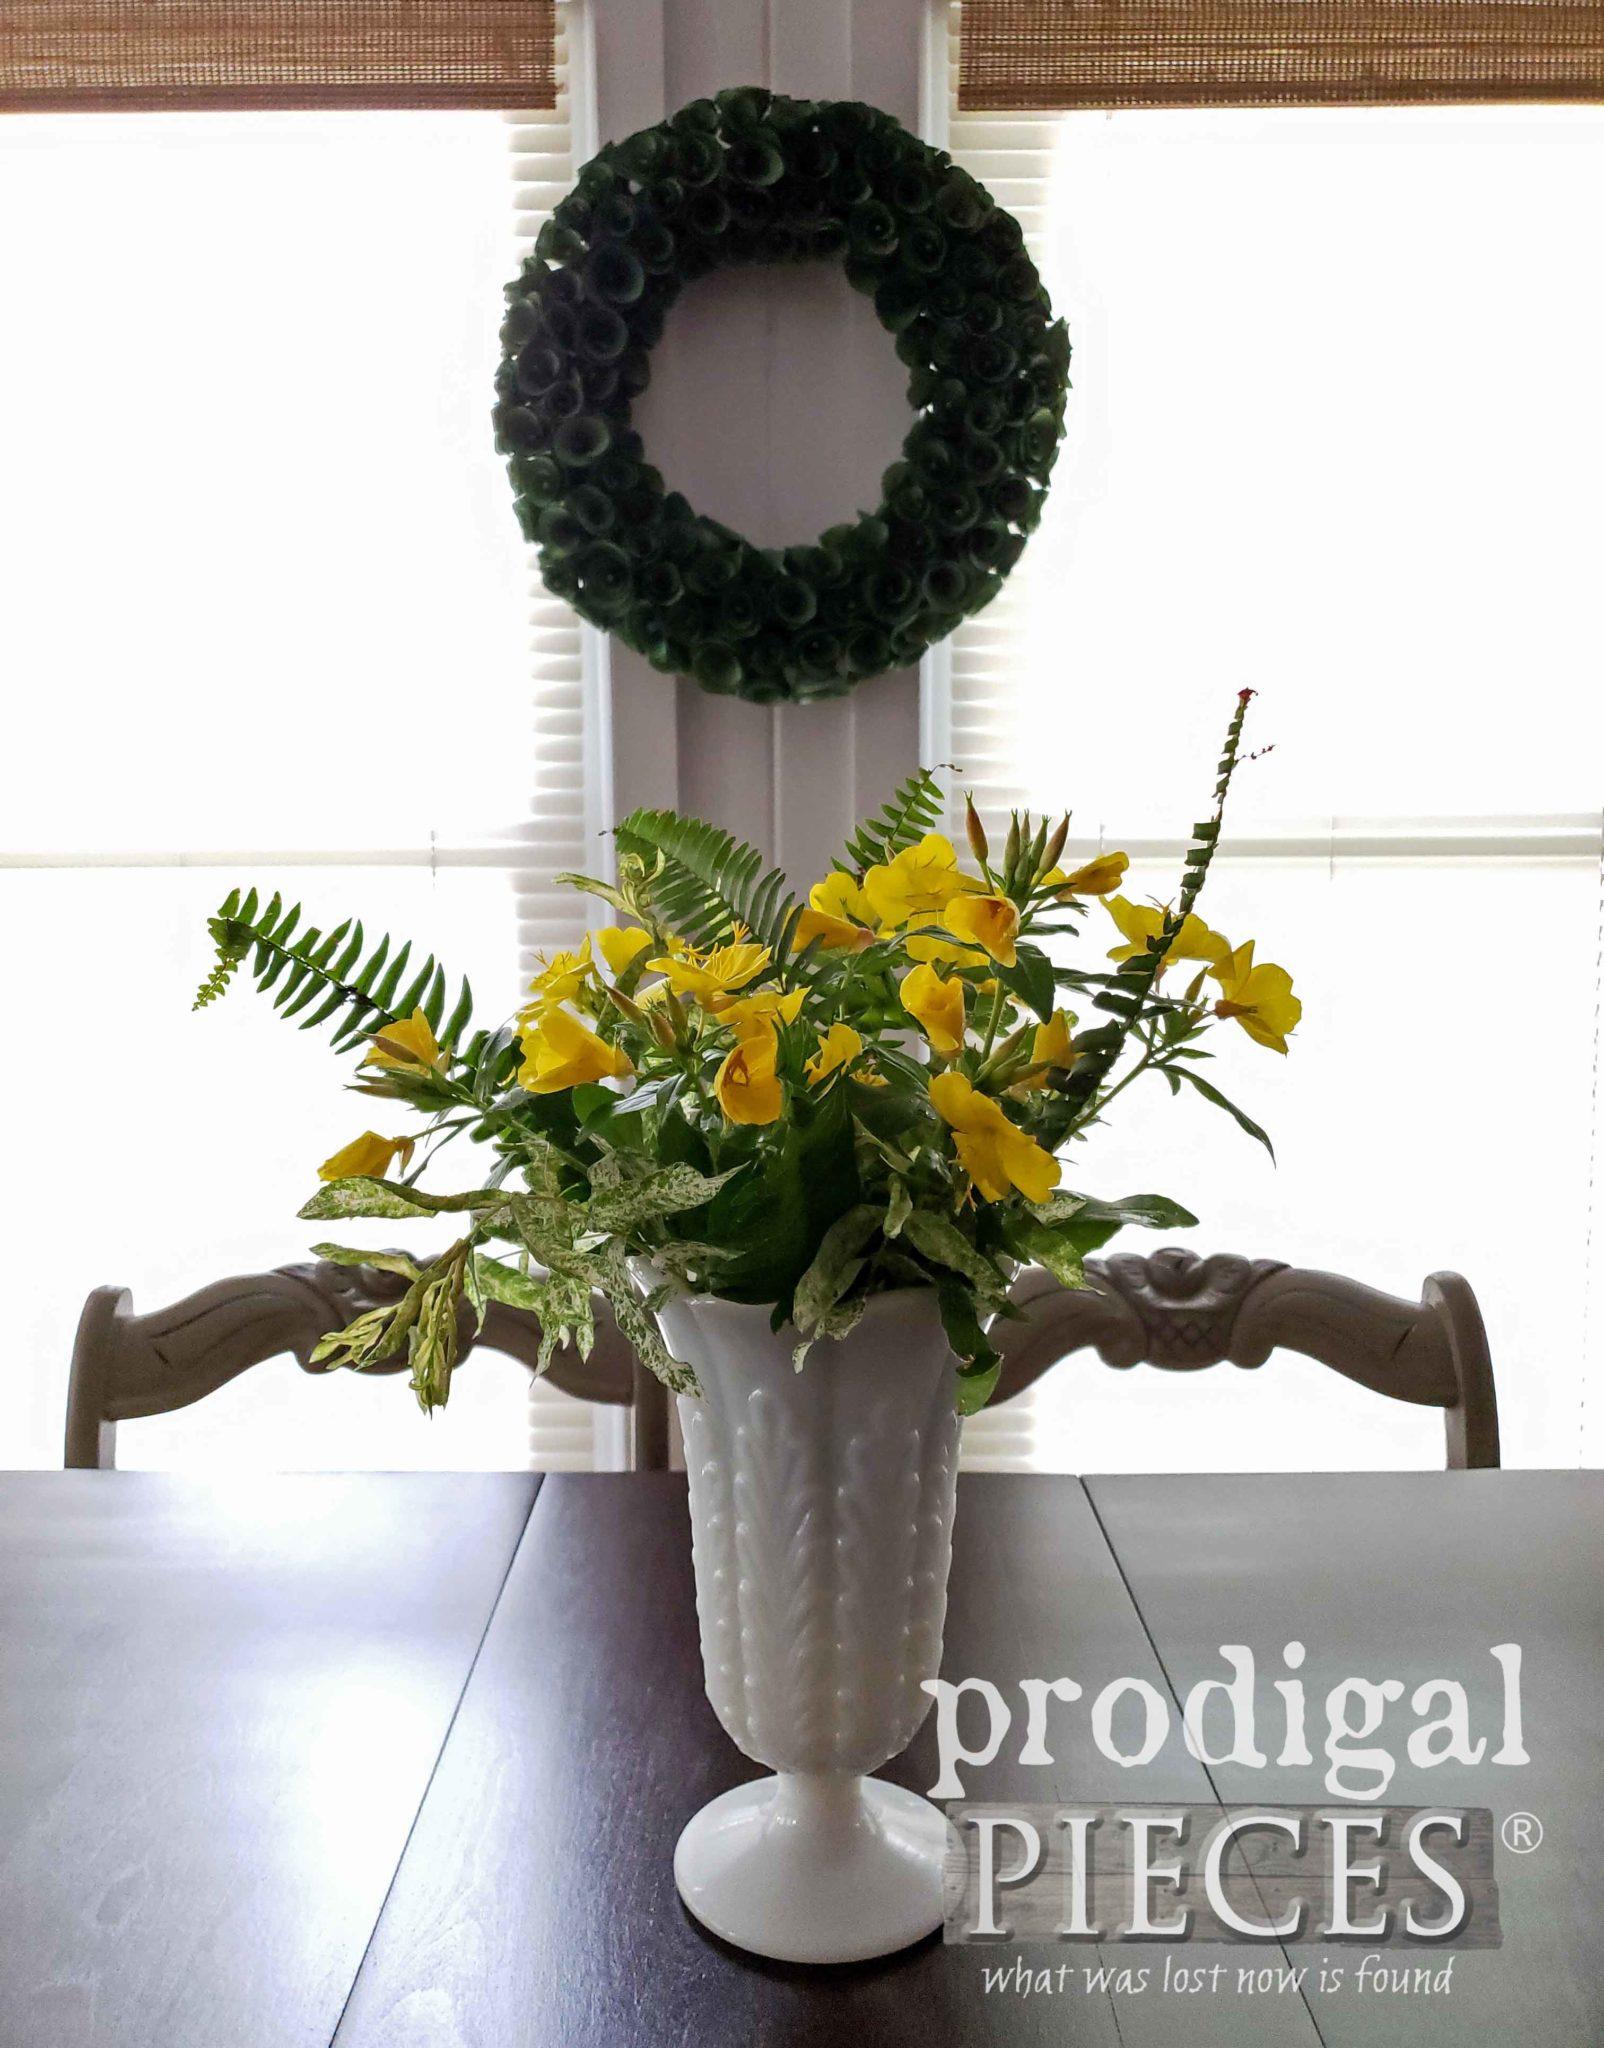 Vintage Fluted Milk Glass Vase with Floral Arrangement by Prodigal Pieces | prodigalpieces.com